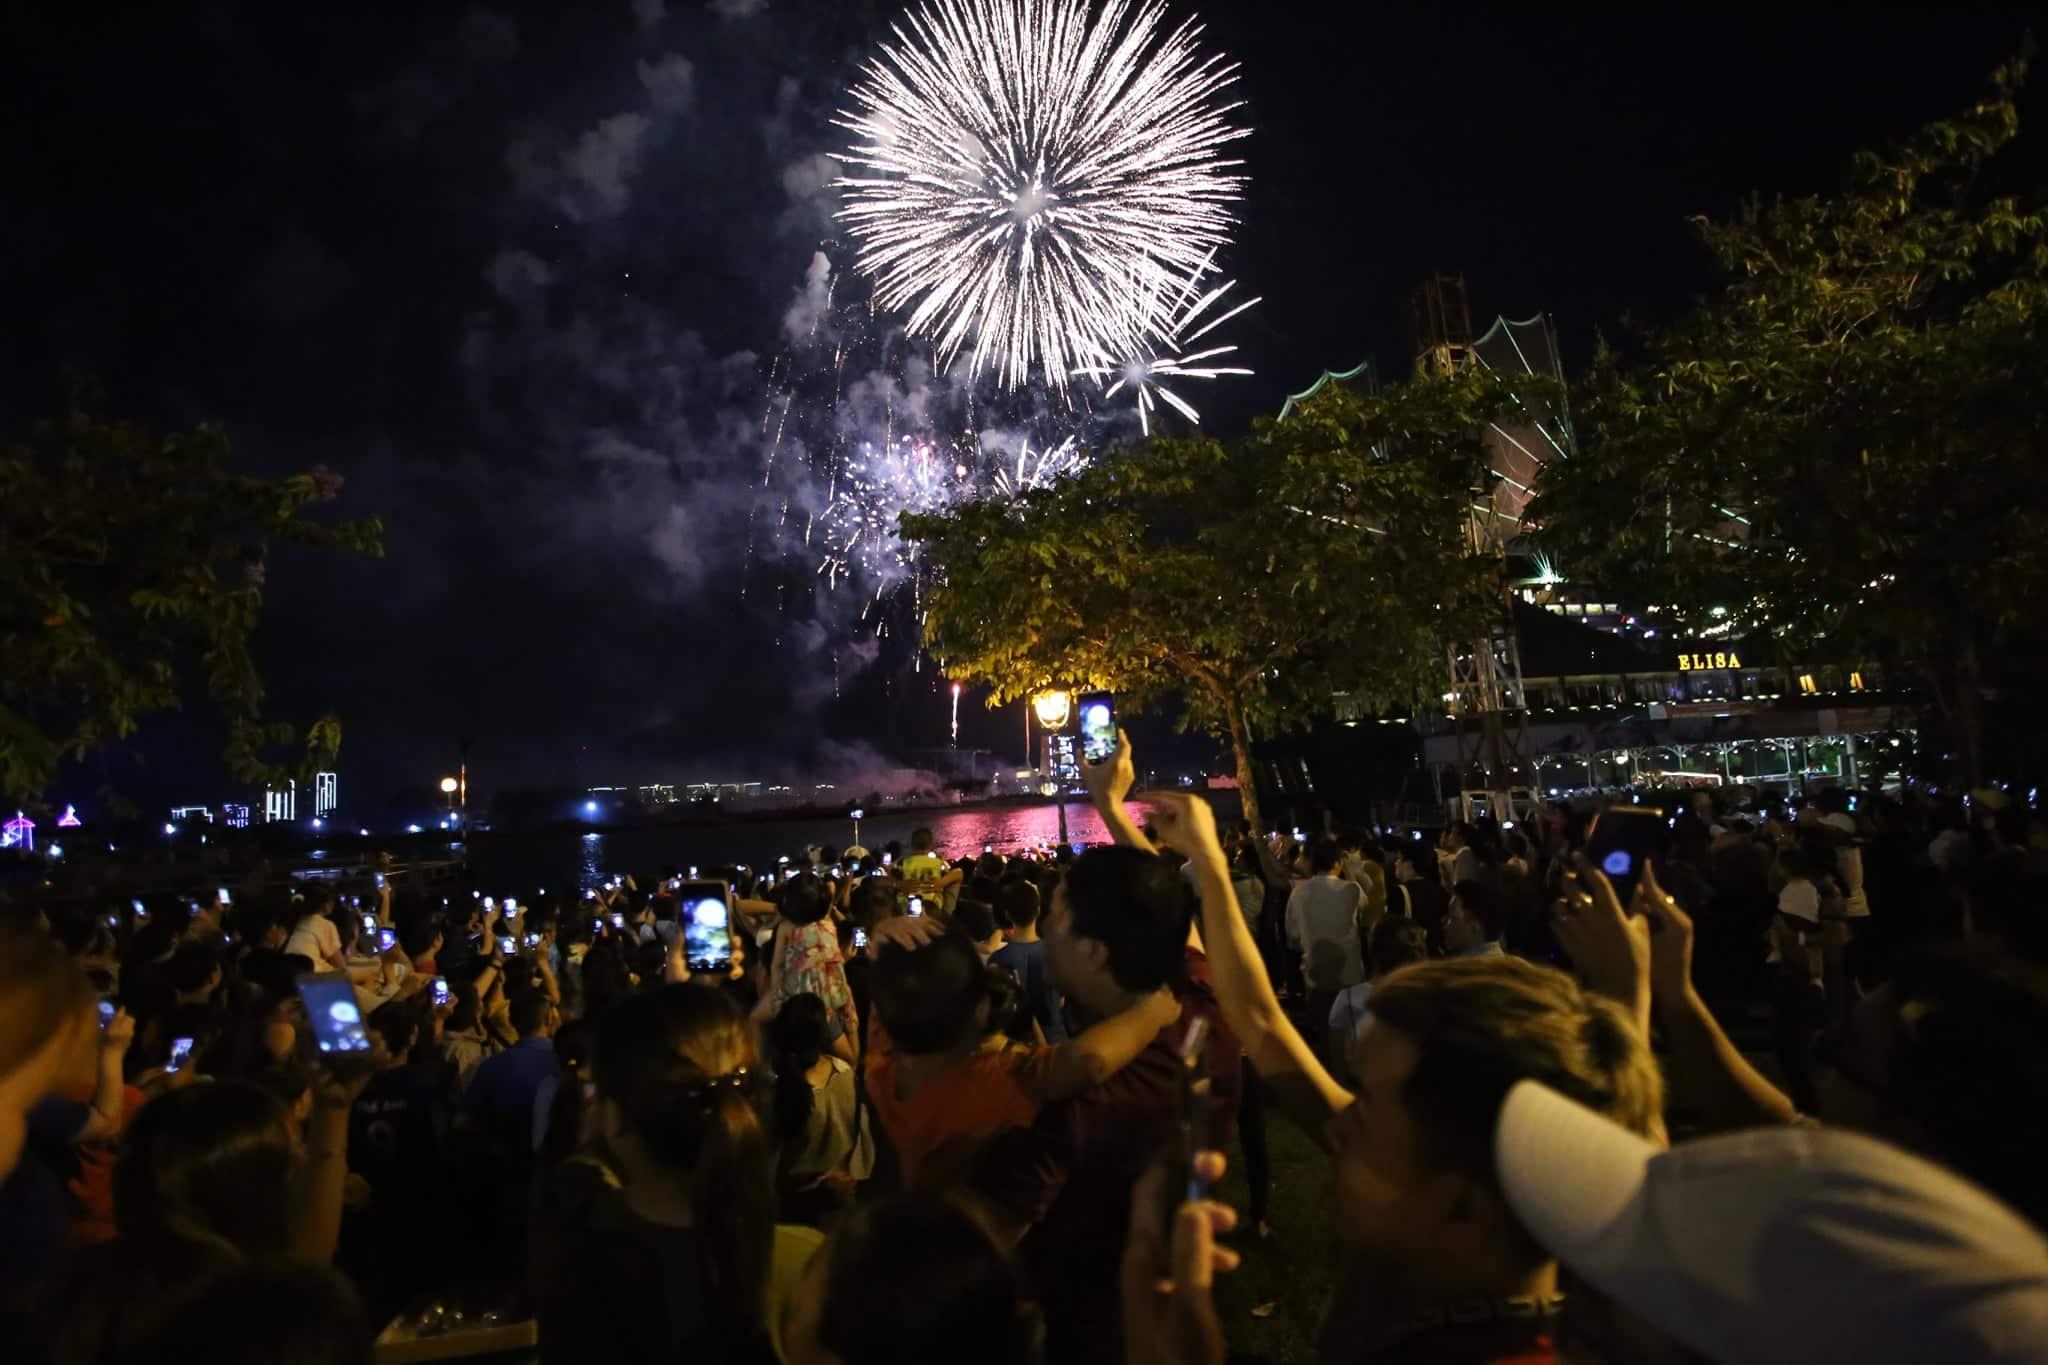 Pháo hoa rực sáng đẹp hút hồn trên bầu trời Sài Gòn, ngàn người vỗ tay tán thưởng - 9